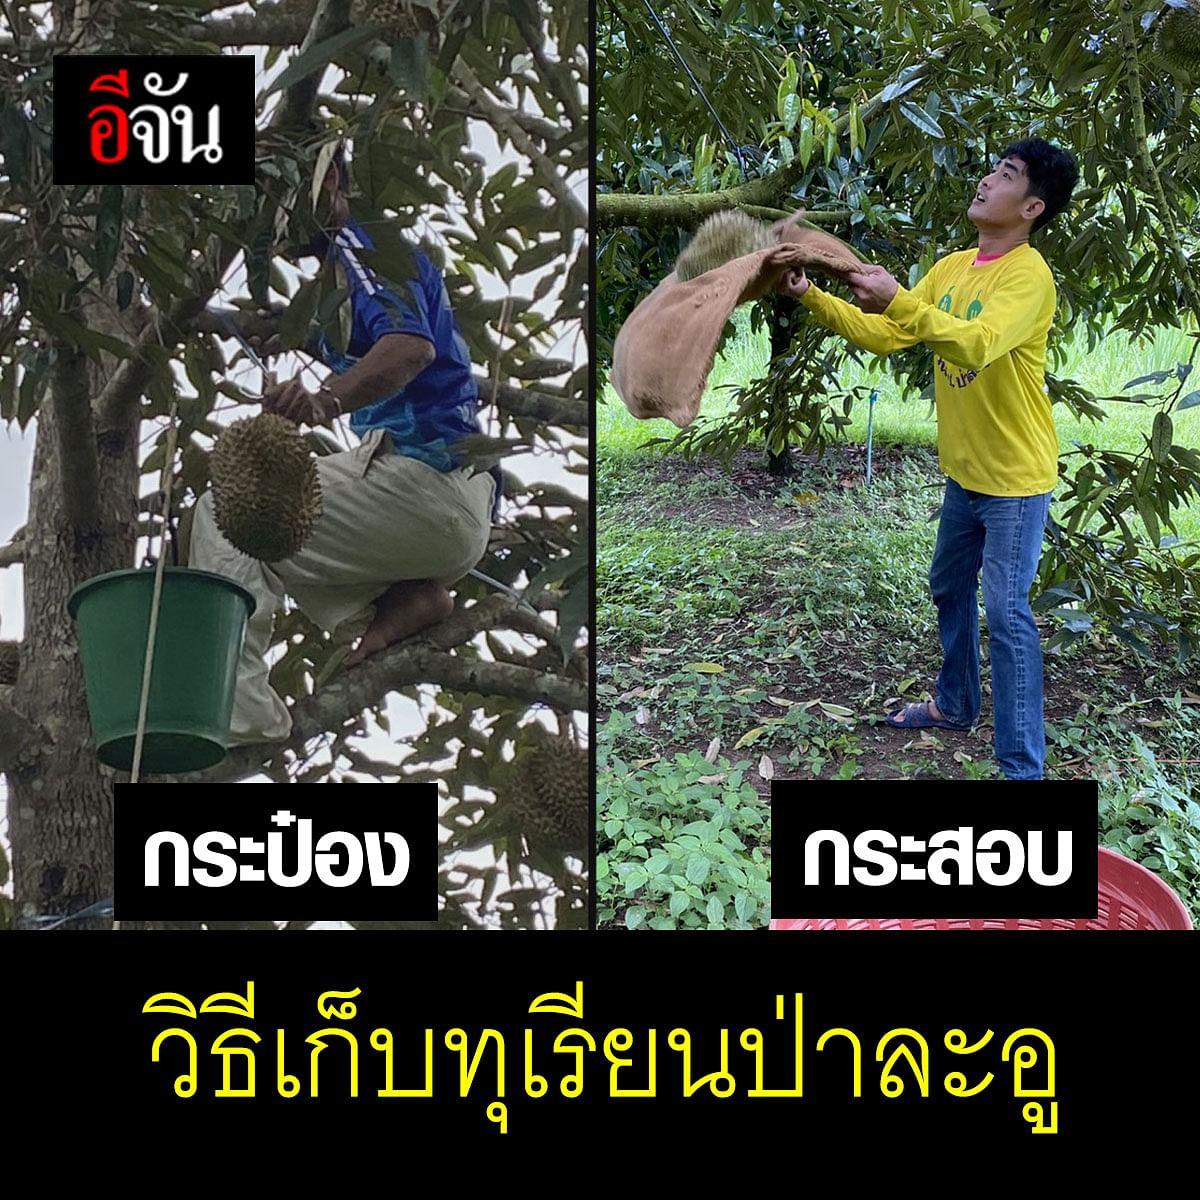 วิธีการเก็บทุเรียนที่ป่าละอูด้วยกระป๋อง และกระสอบ